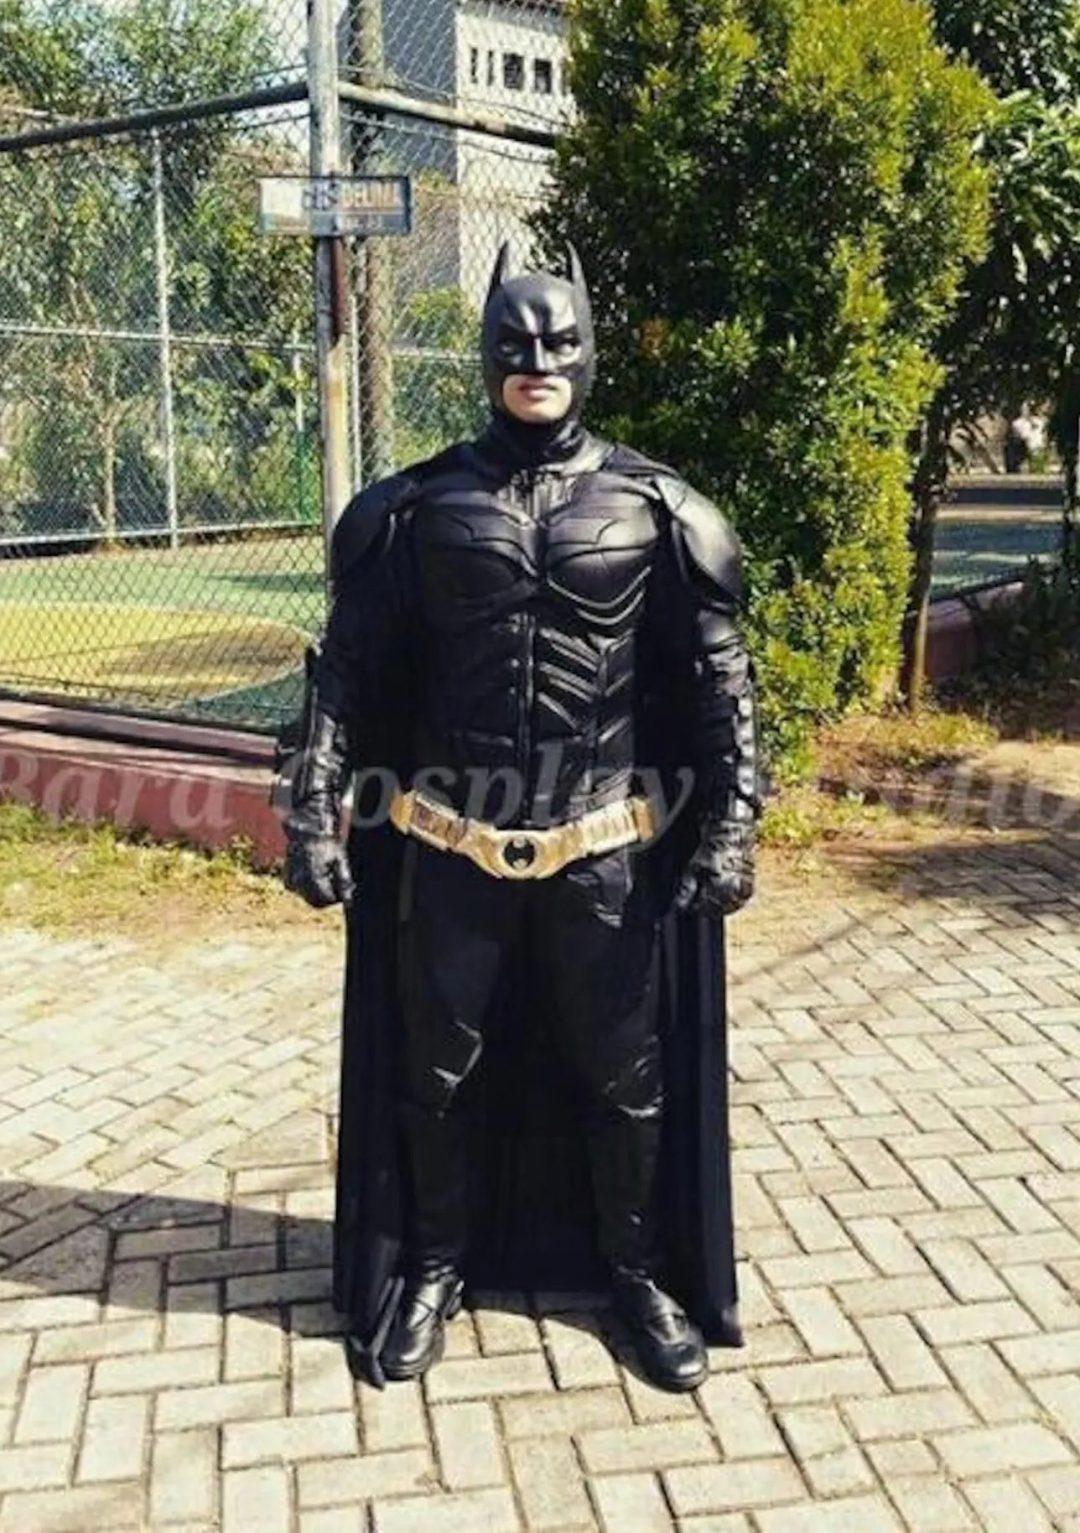 Batman Halloween costume for men